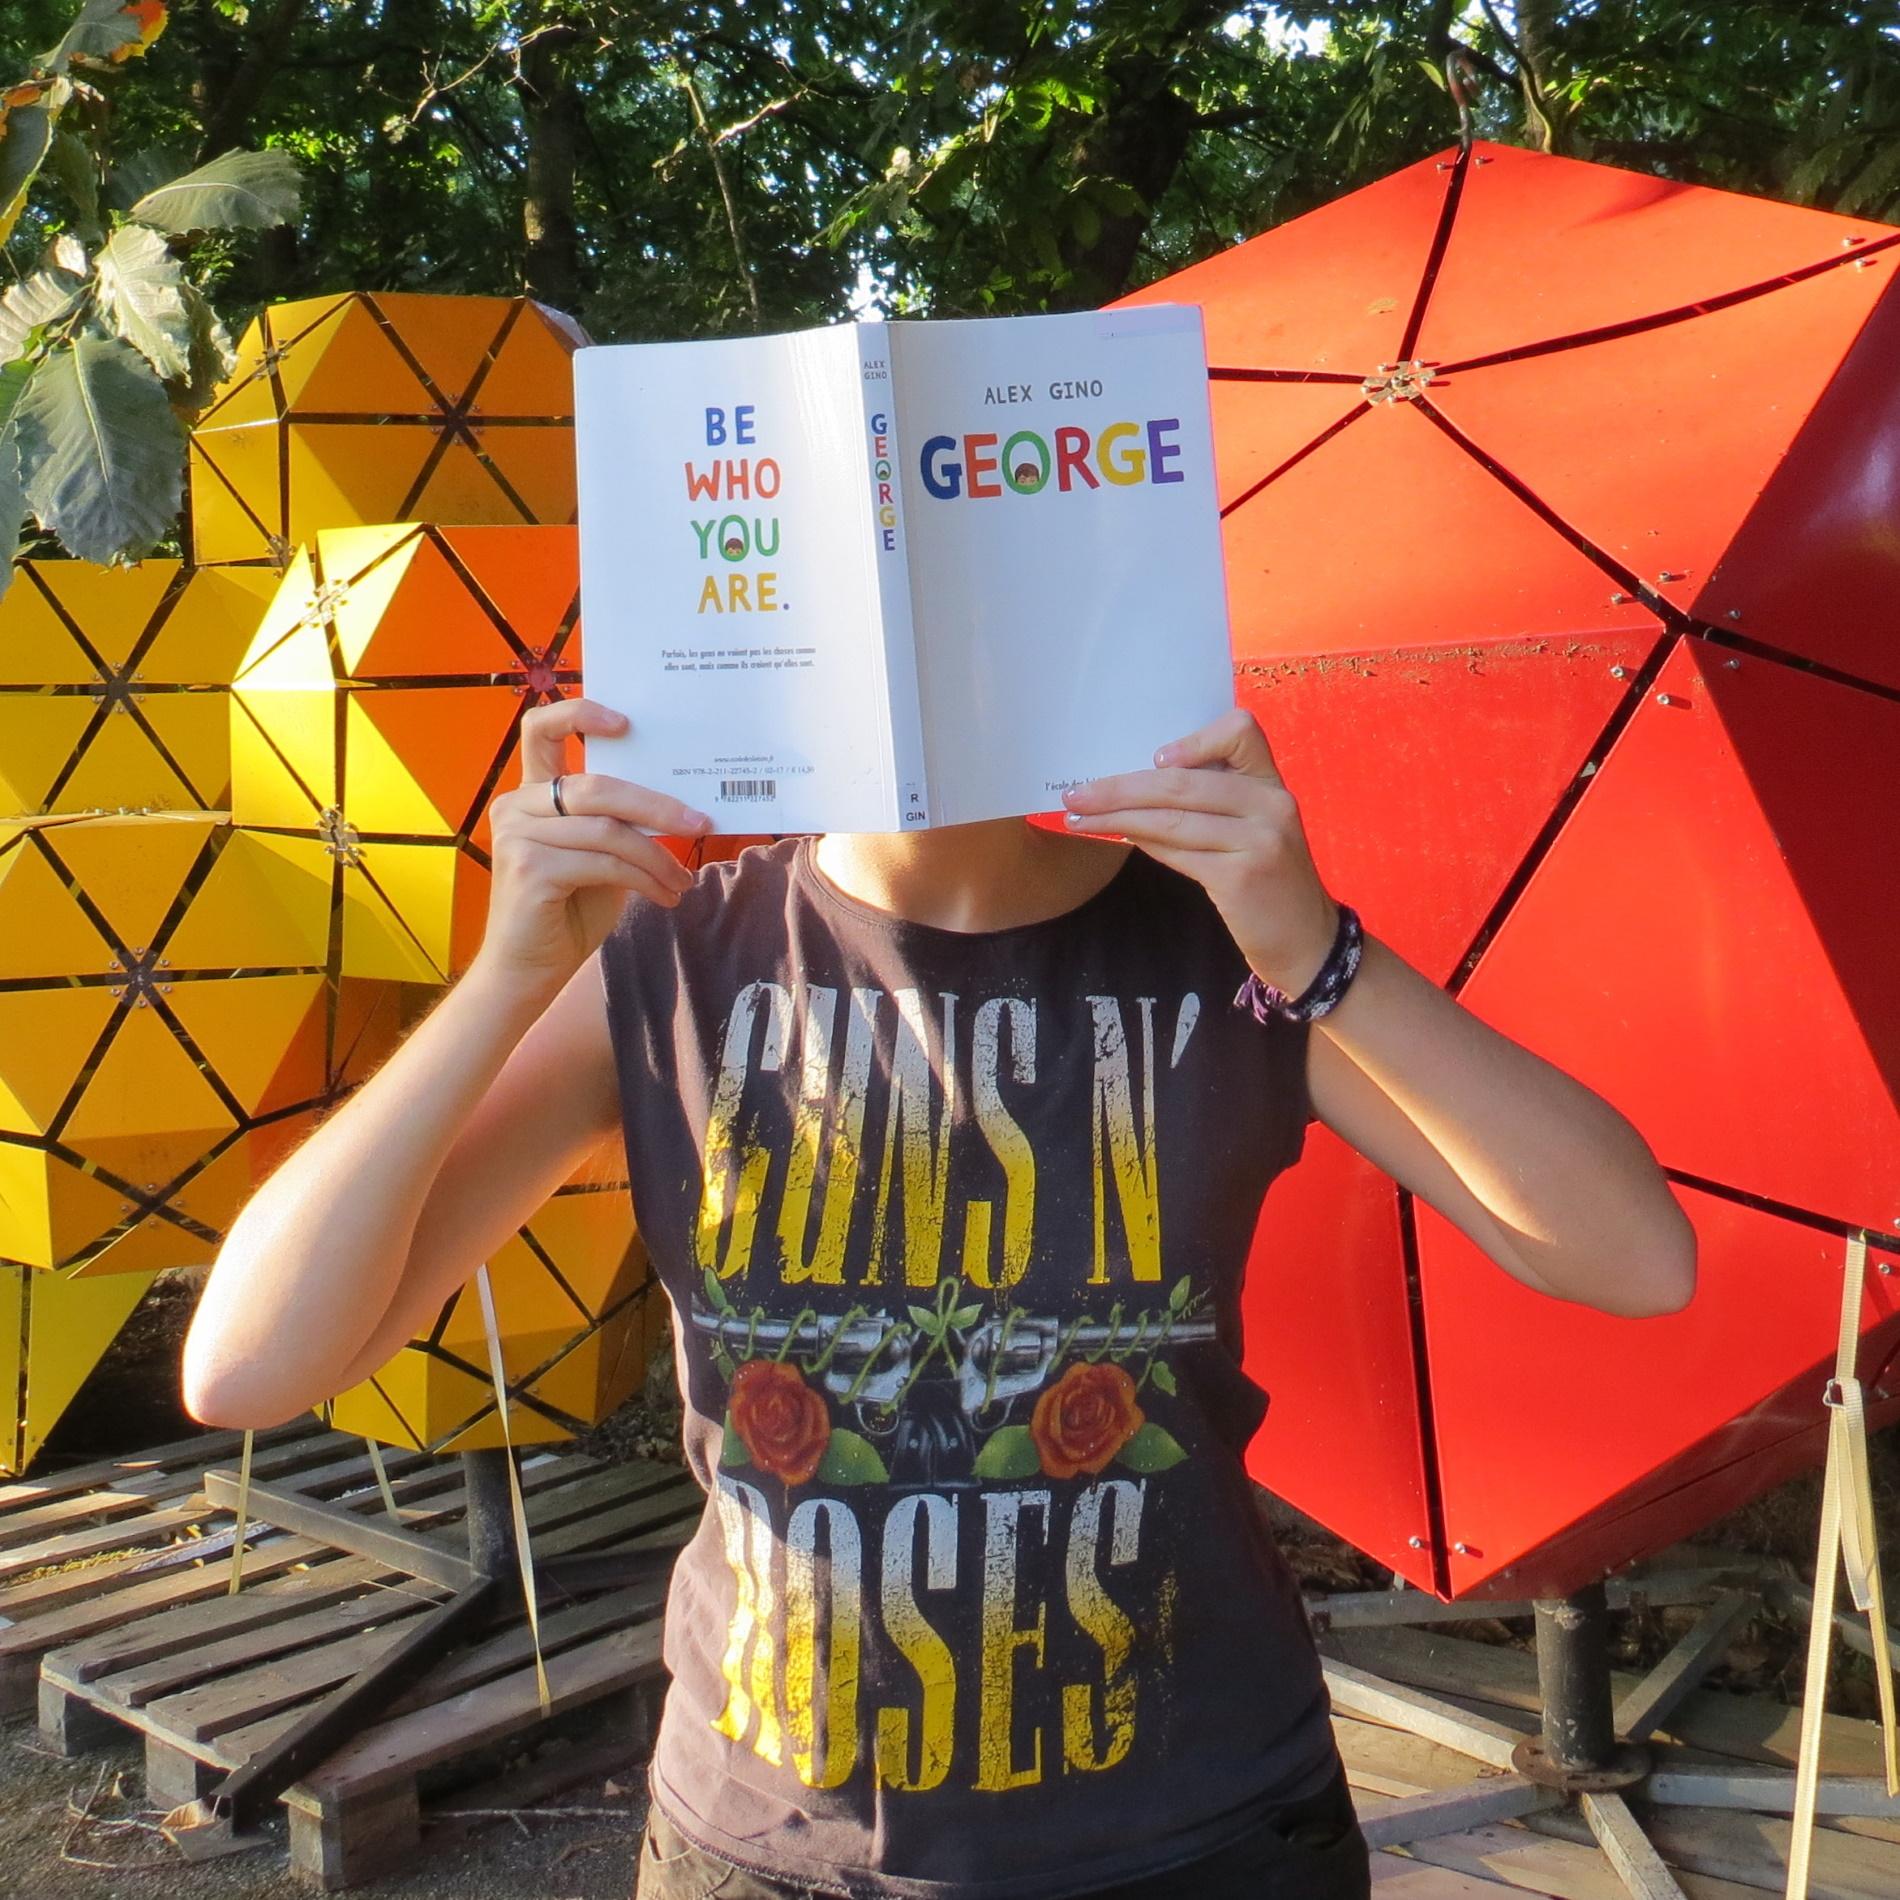 personne lisant George d'Alex Gino devant des structures multicolores